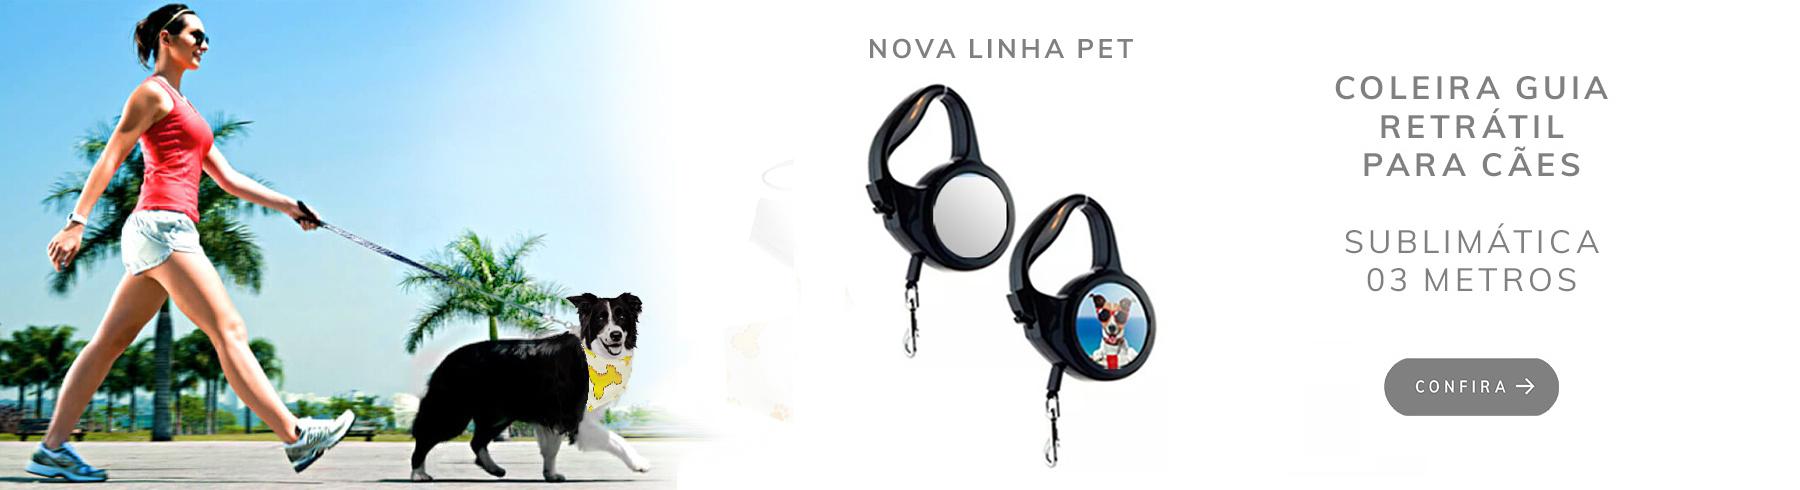 BANNER NOVO 011 - LINHA PET